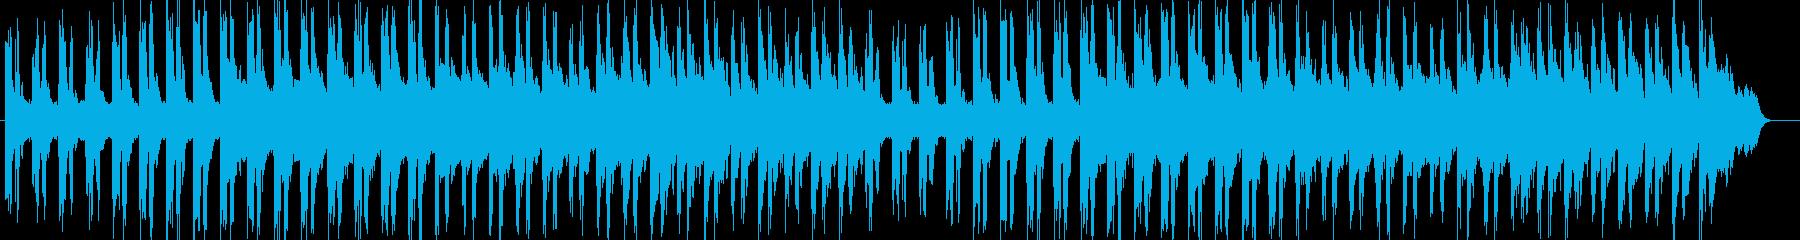 静寂と鼓動を感じさせるテクノ音の再生済みの波形